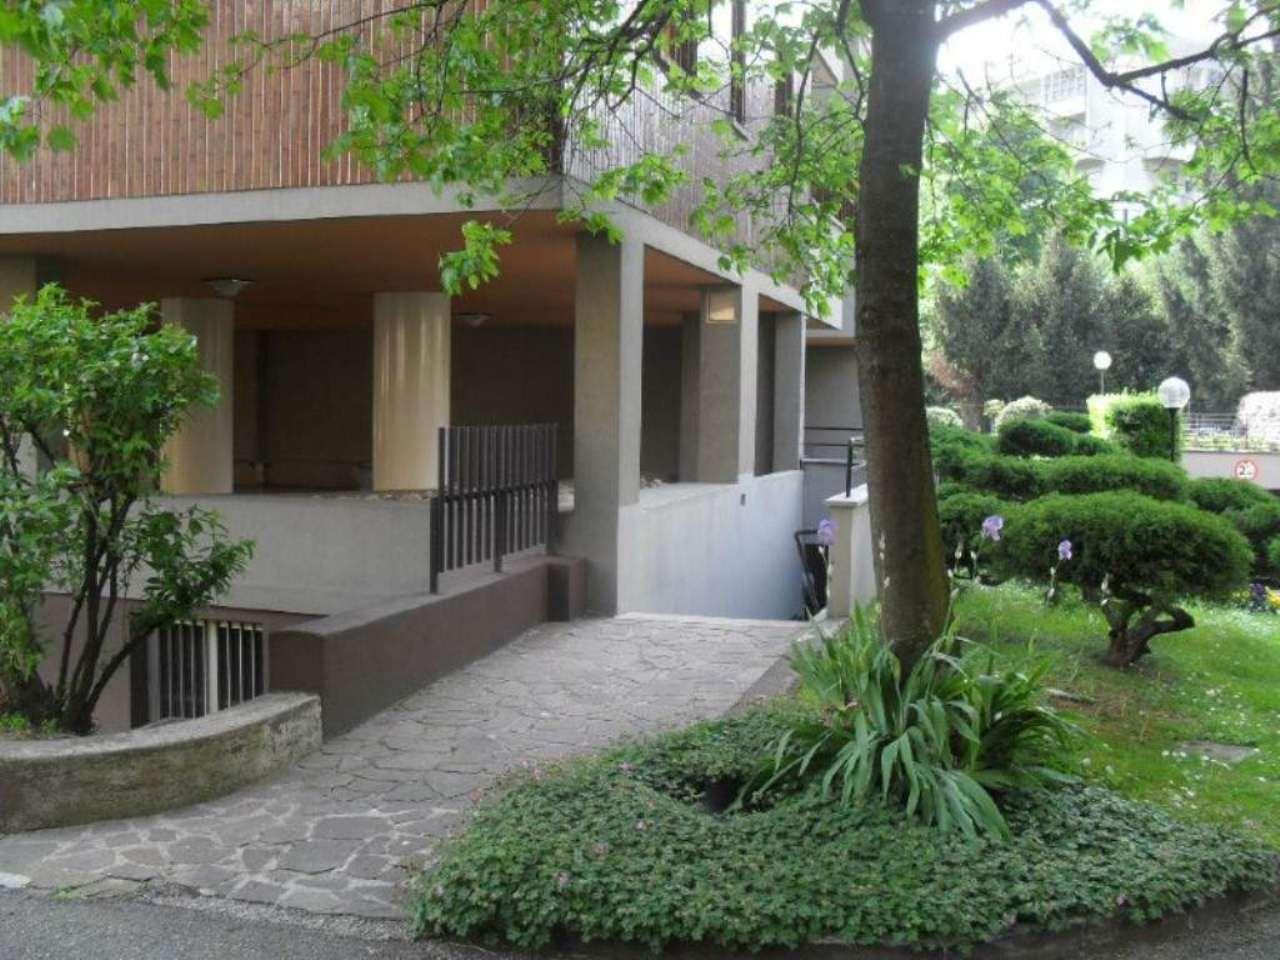 Magazzino in affitto a Monza, 2 locali, zona Zona: 6 . Triante, San Fruttuoso, Taccona, prezzo € 400 | CambioCasa.it